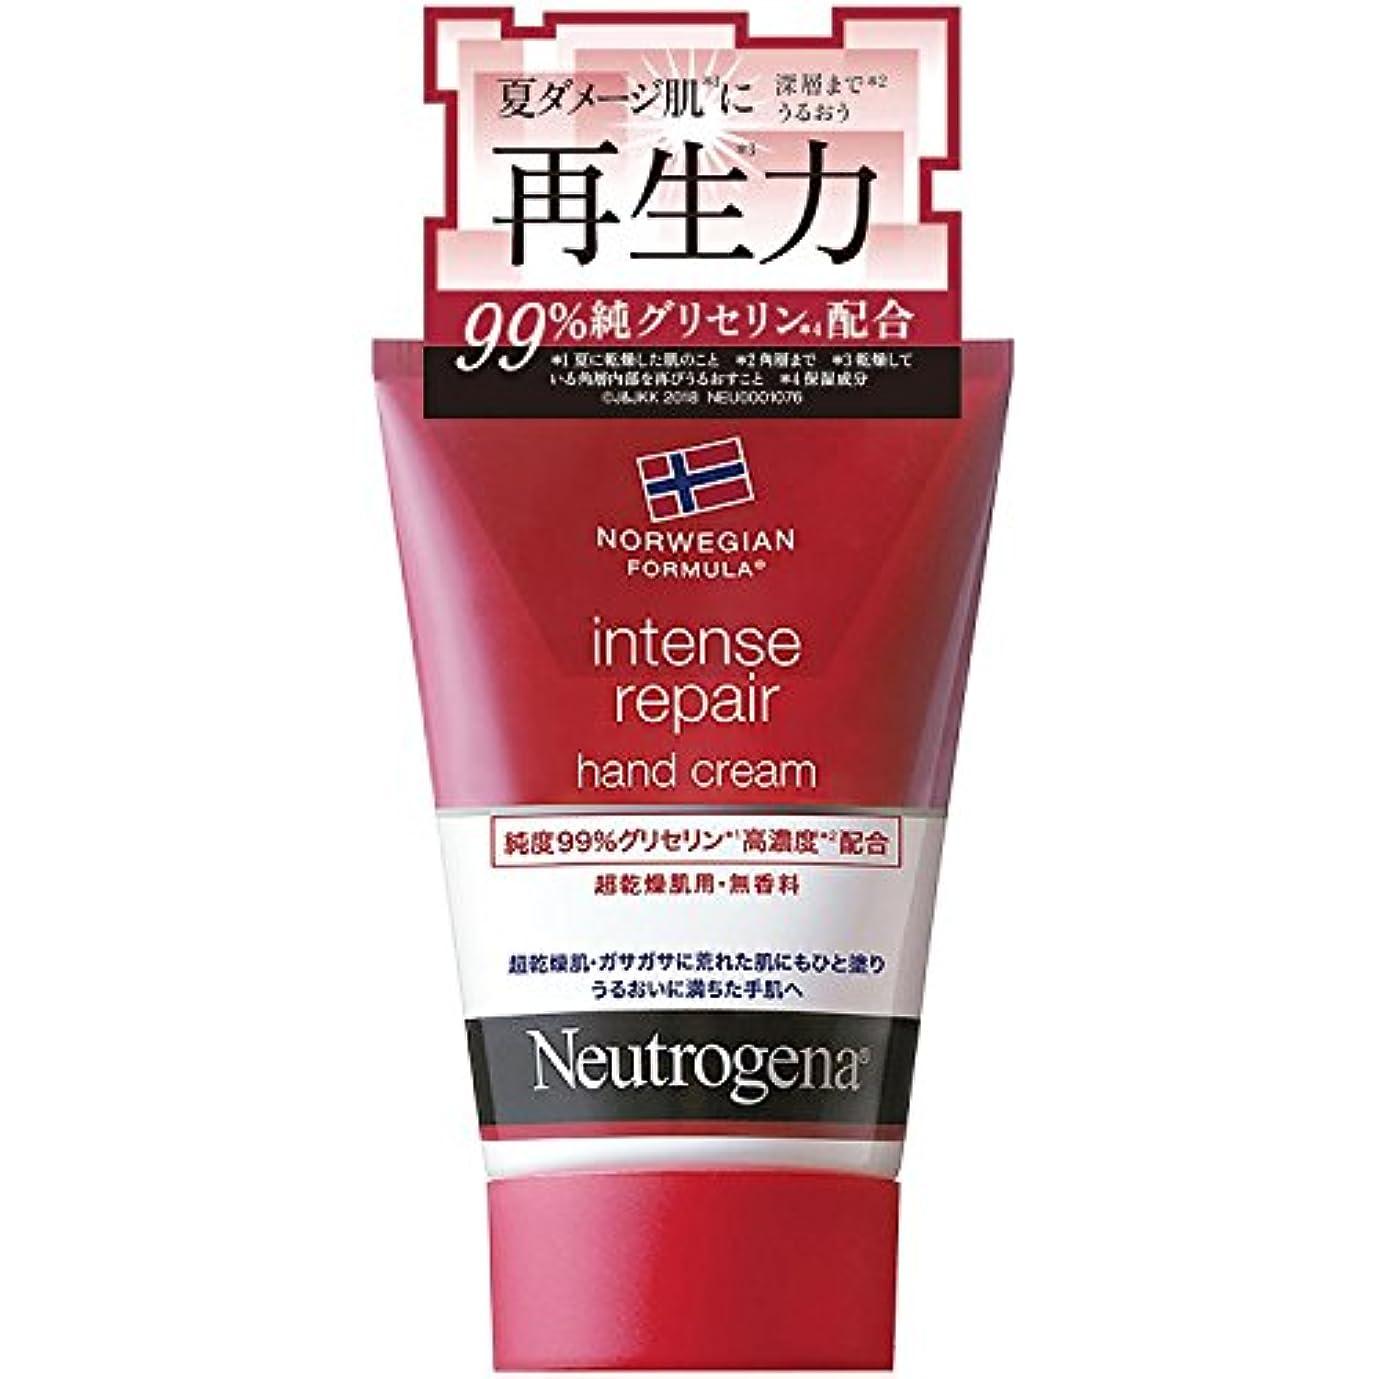 ランデブー臨検立法Neutrogena(ニュートロジーナ) ノルウェーフォーミュラ インテンスリペア ハンドクリーム 超乾燥肌用 無香料 50g